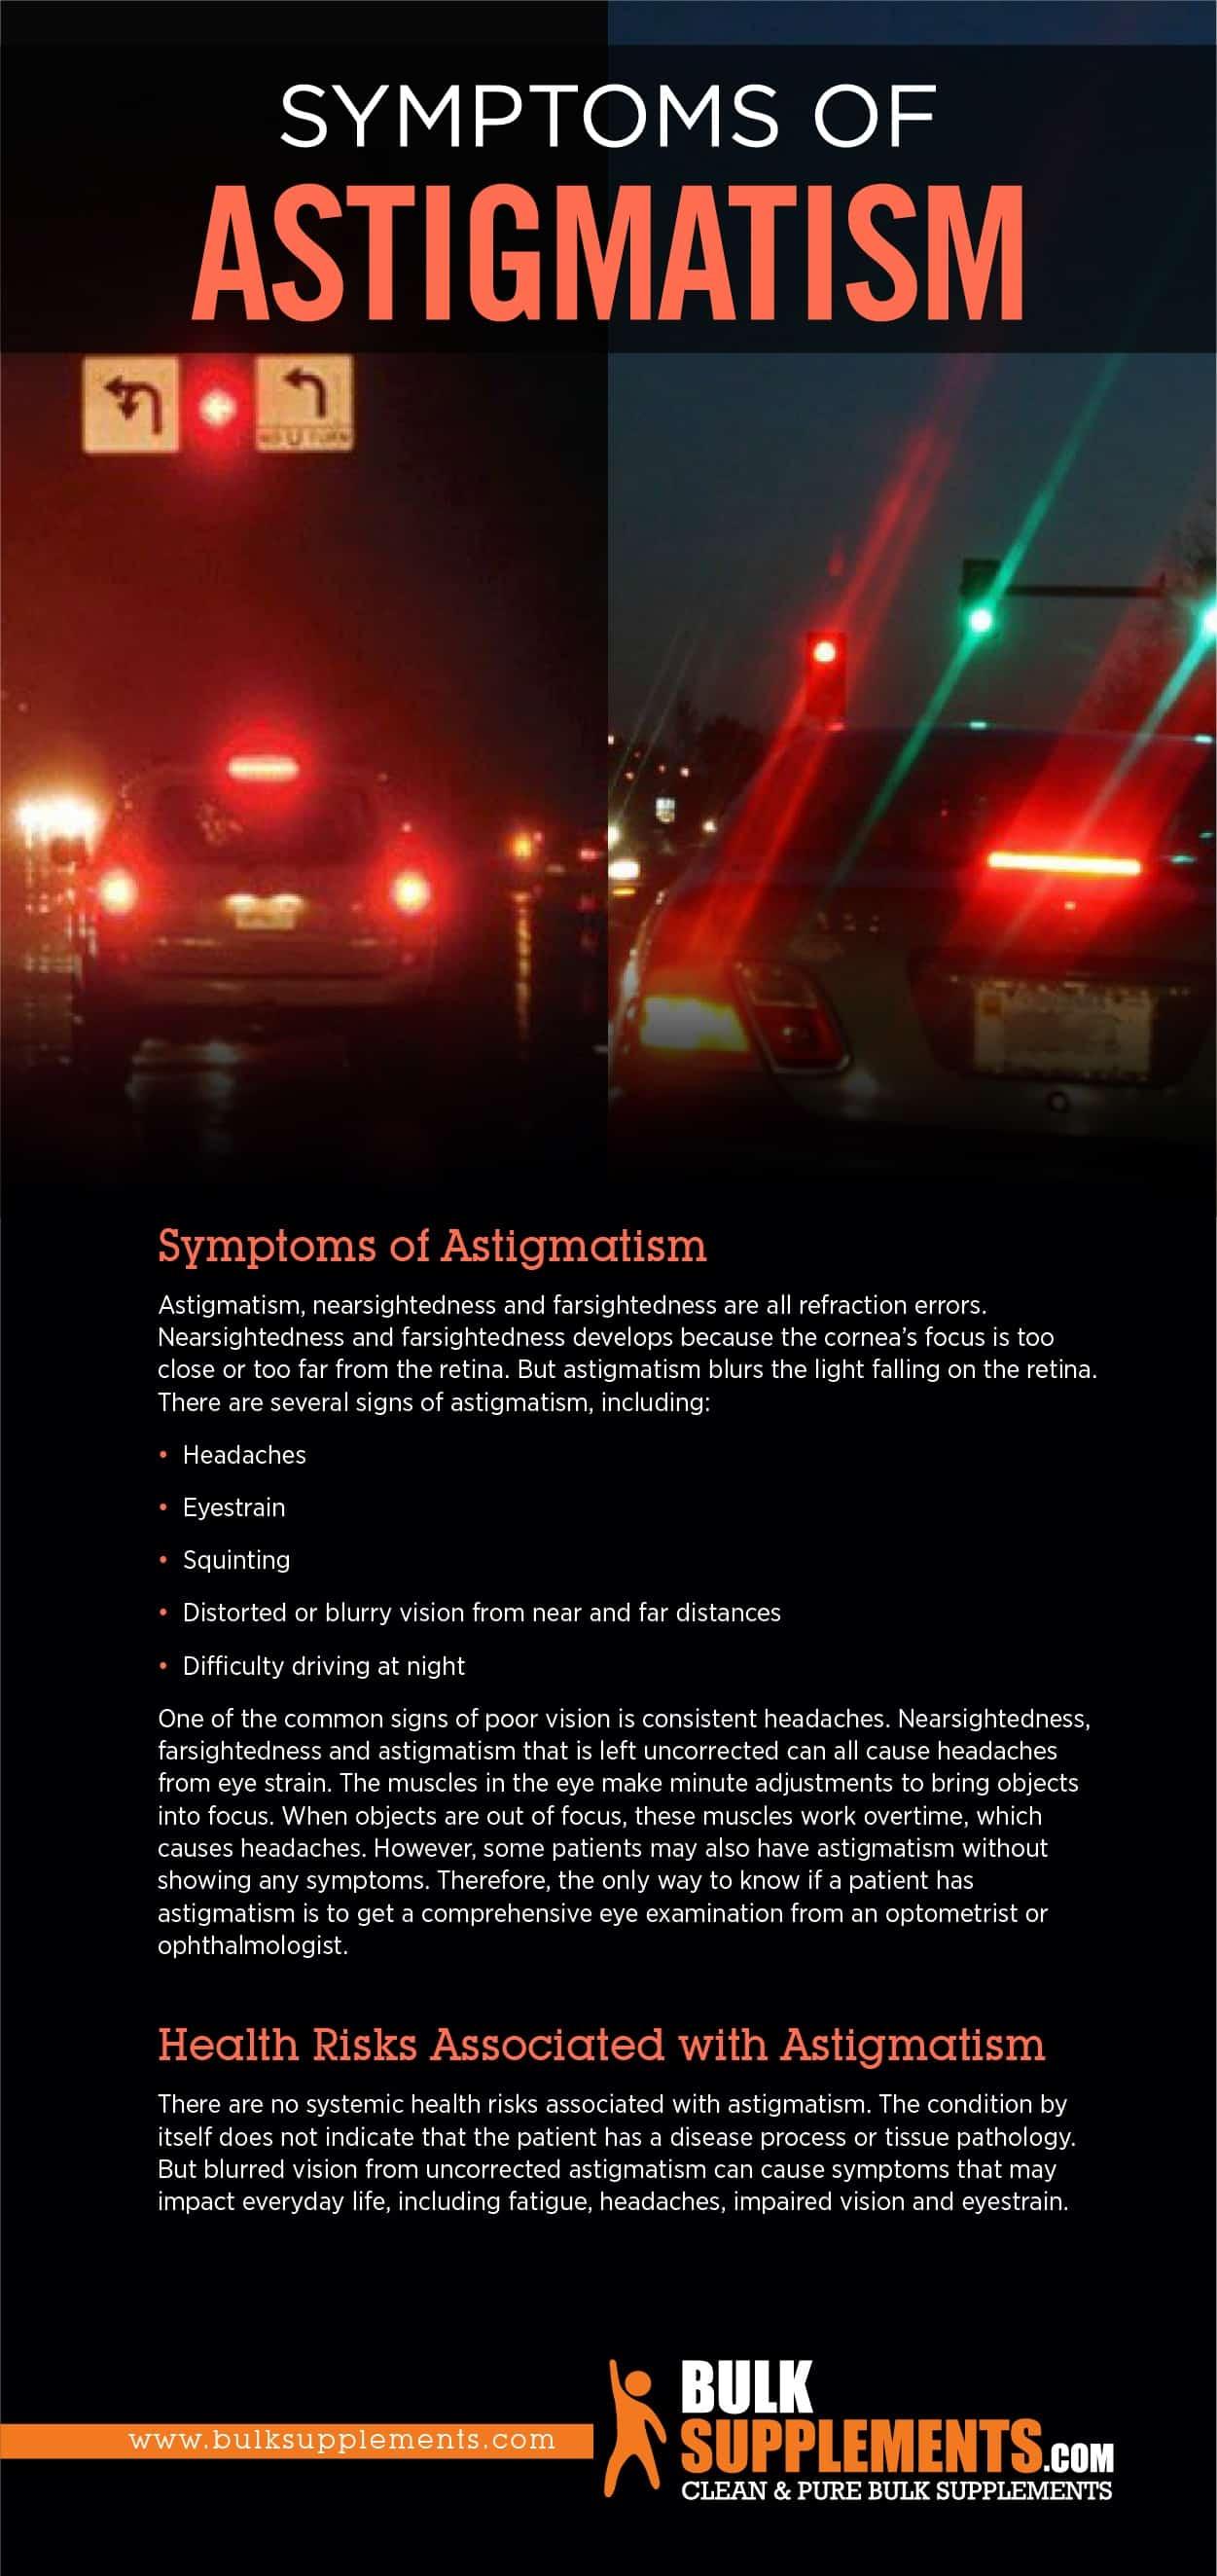 Symptoms of Astigmatism